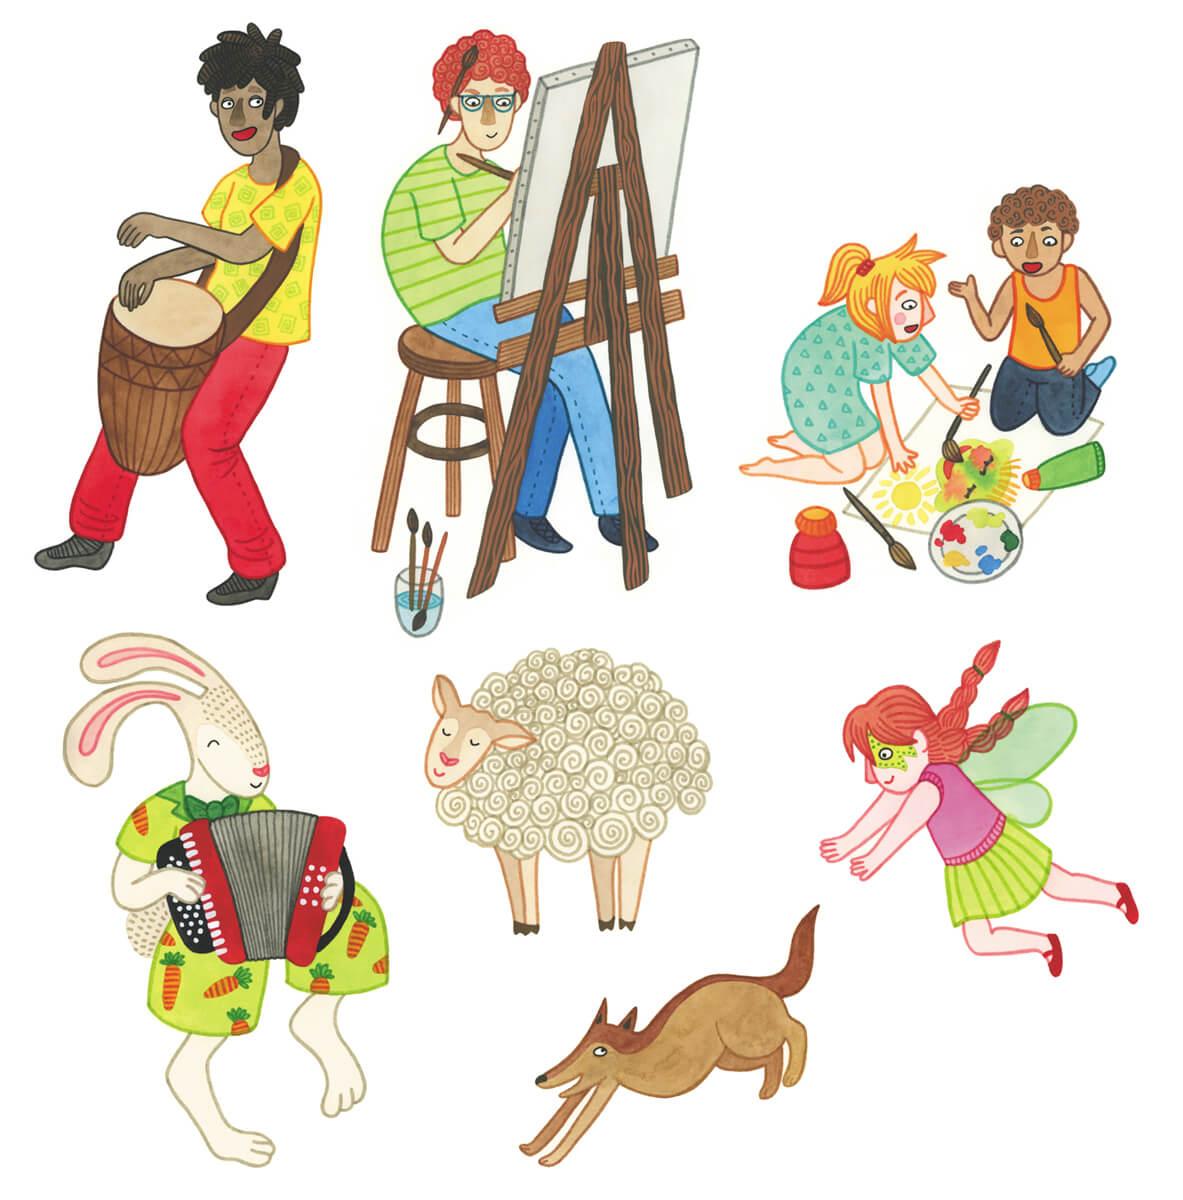 Sanne Bruinsma Illustraties & Vormgeving Drentse Uitmaand campagne K&C Assen 2015 illustraties cultuur evenement kunst